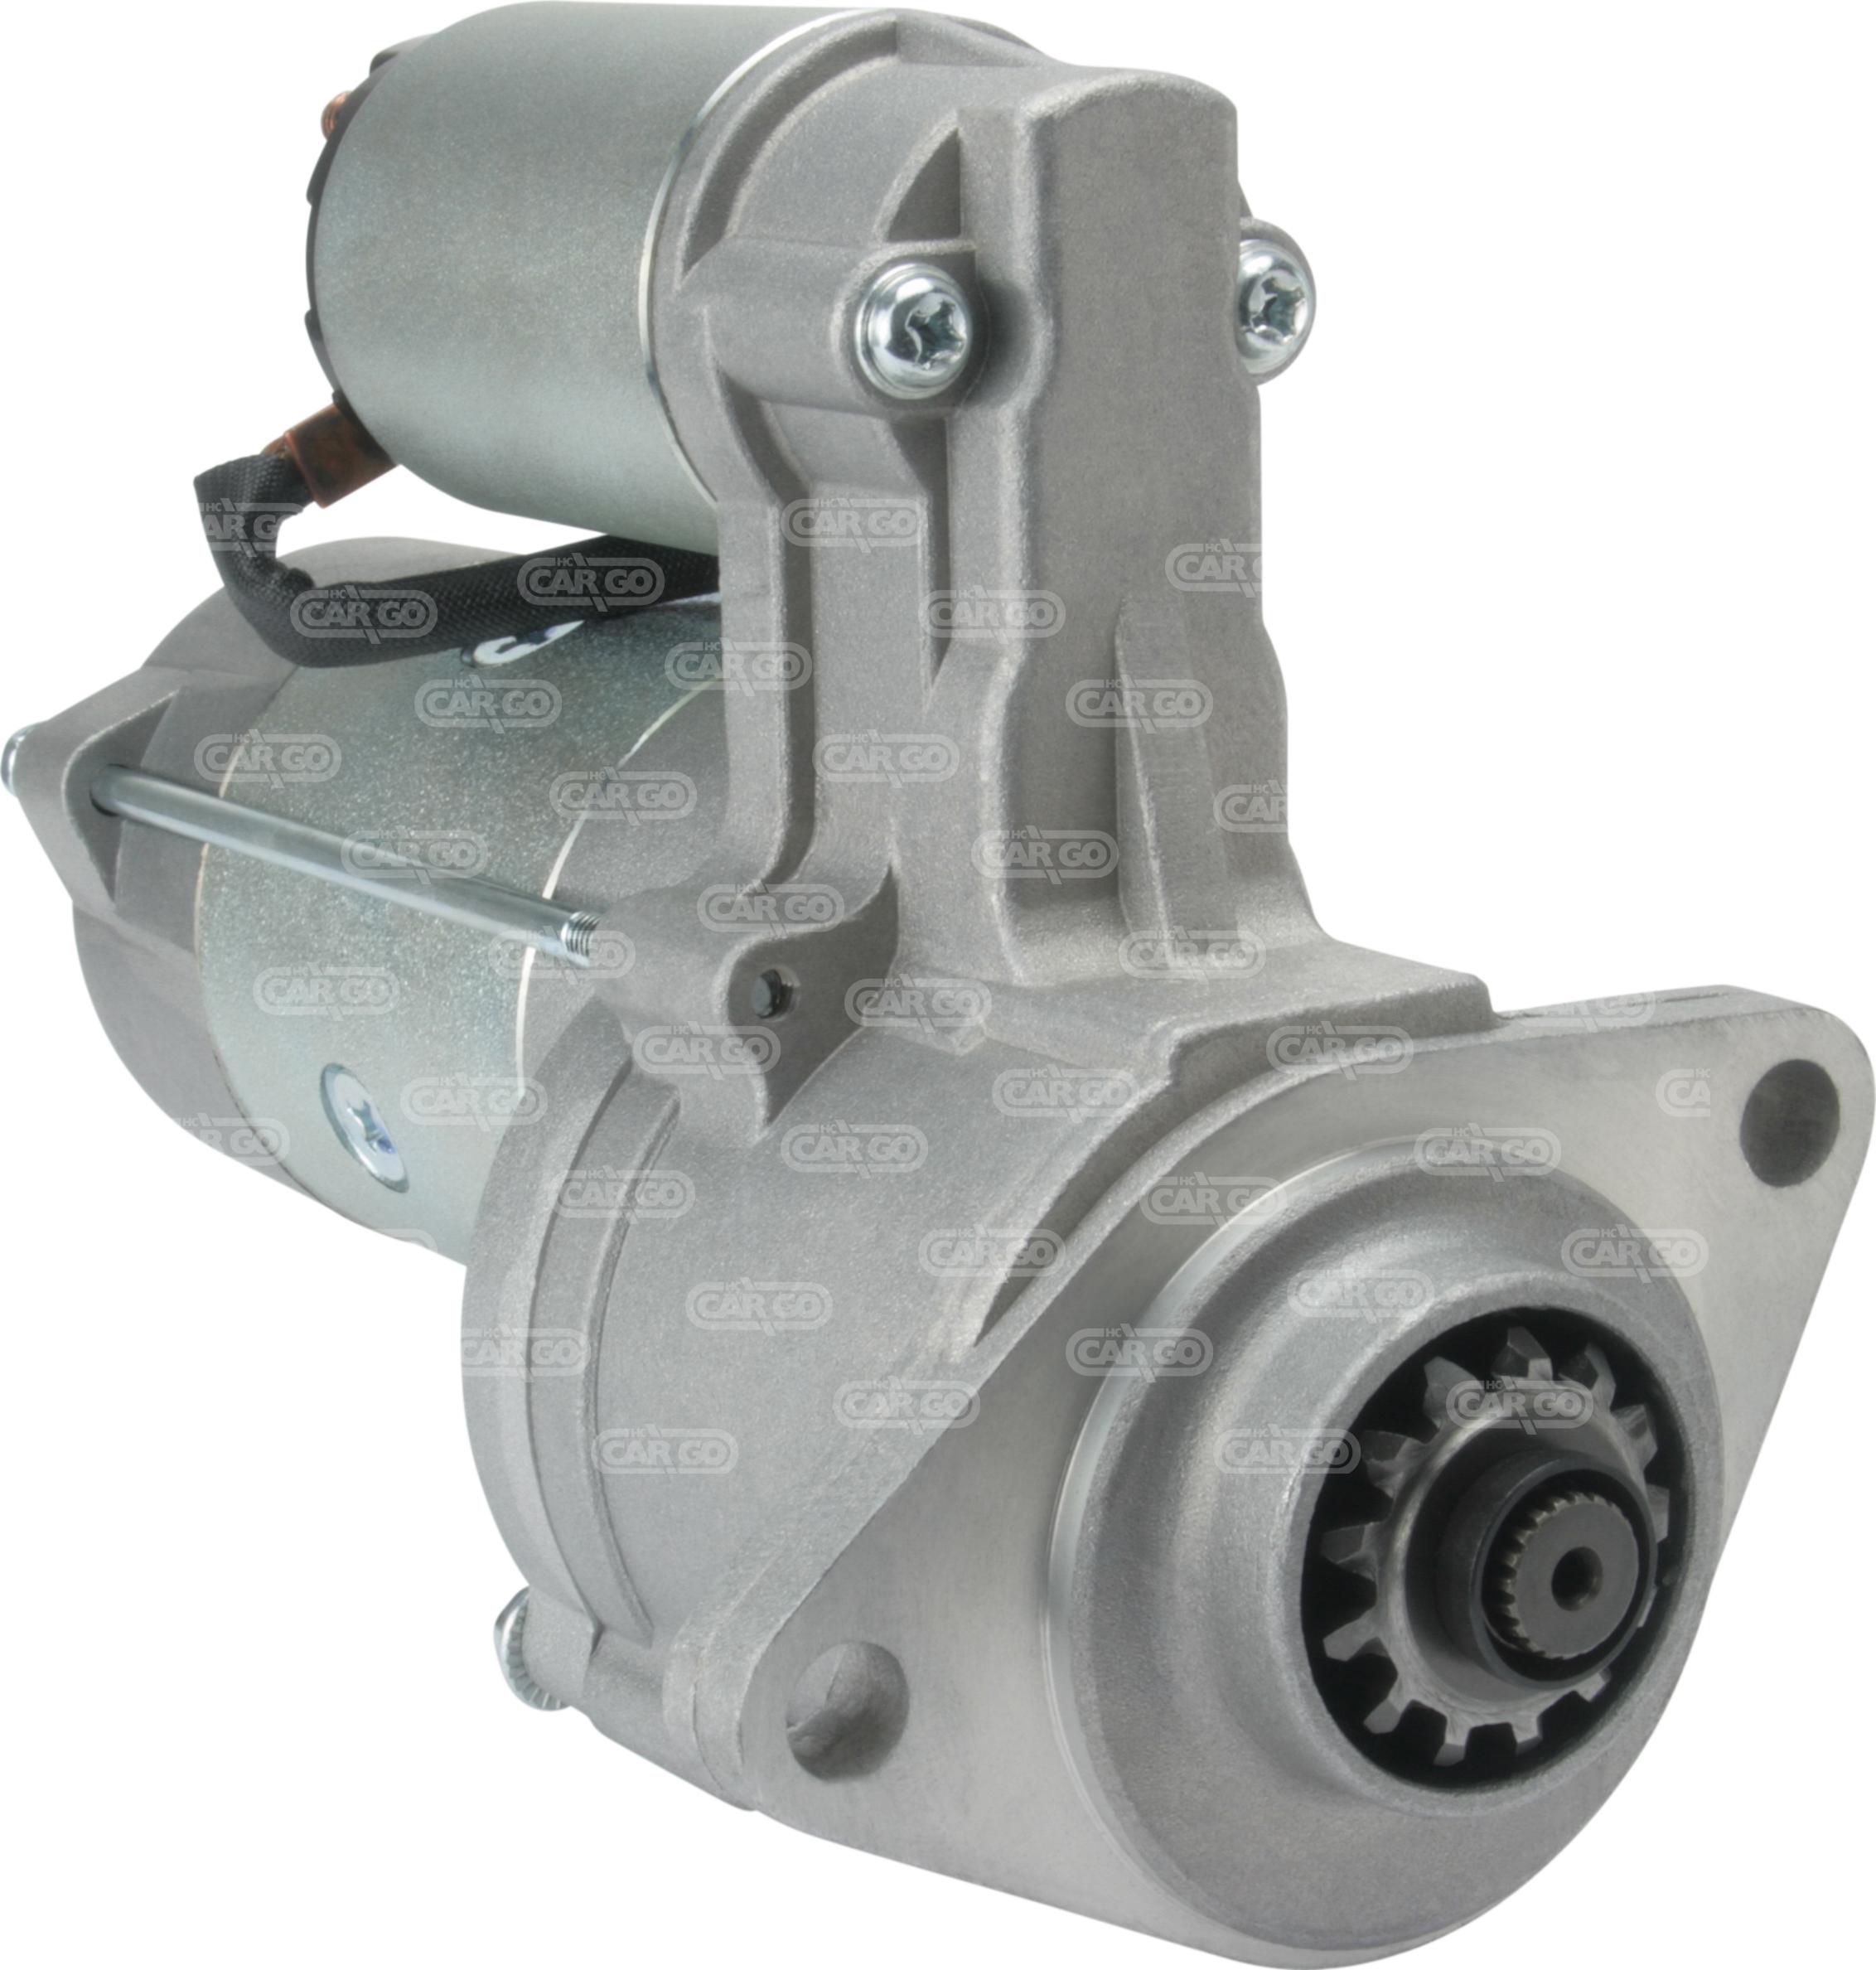 703 Démarreur 12 V, 2.0 kW, 13 dents, KW2.0